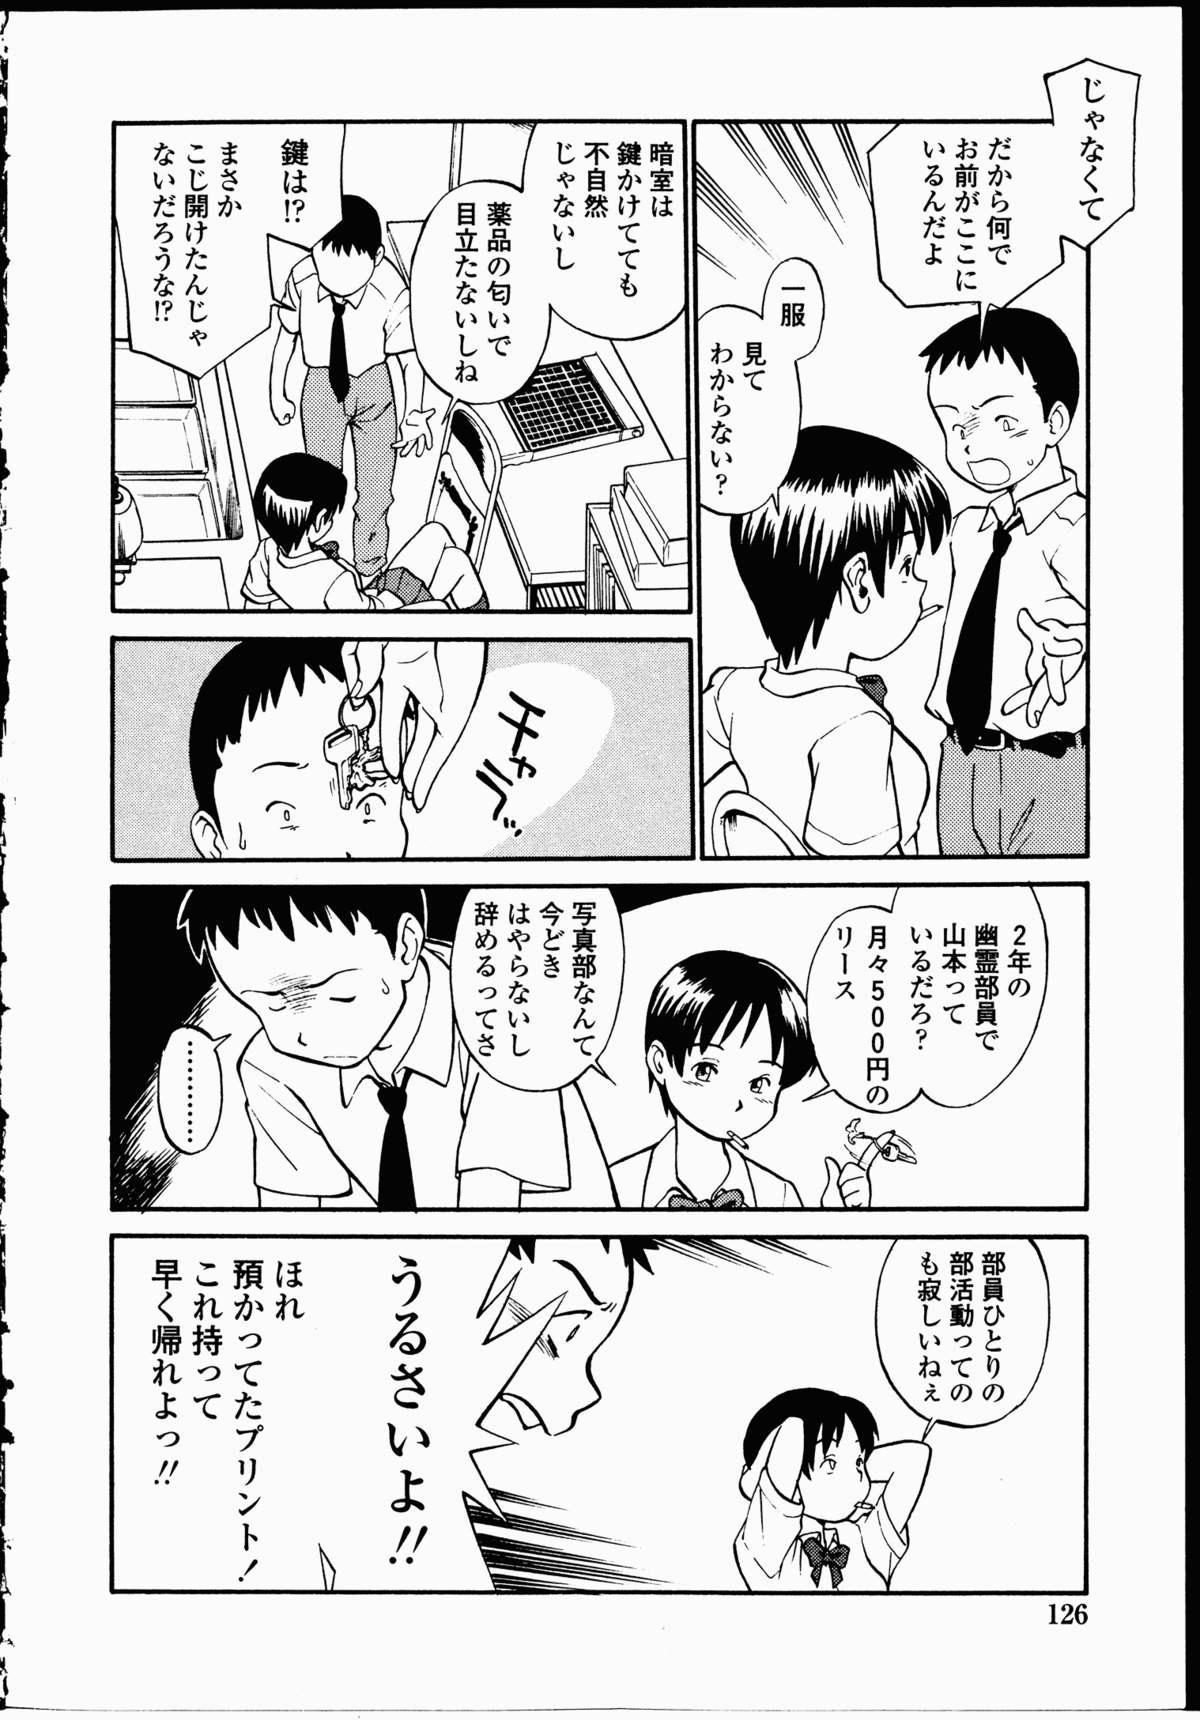 Youen Hyaku Monogatari 124